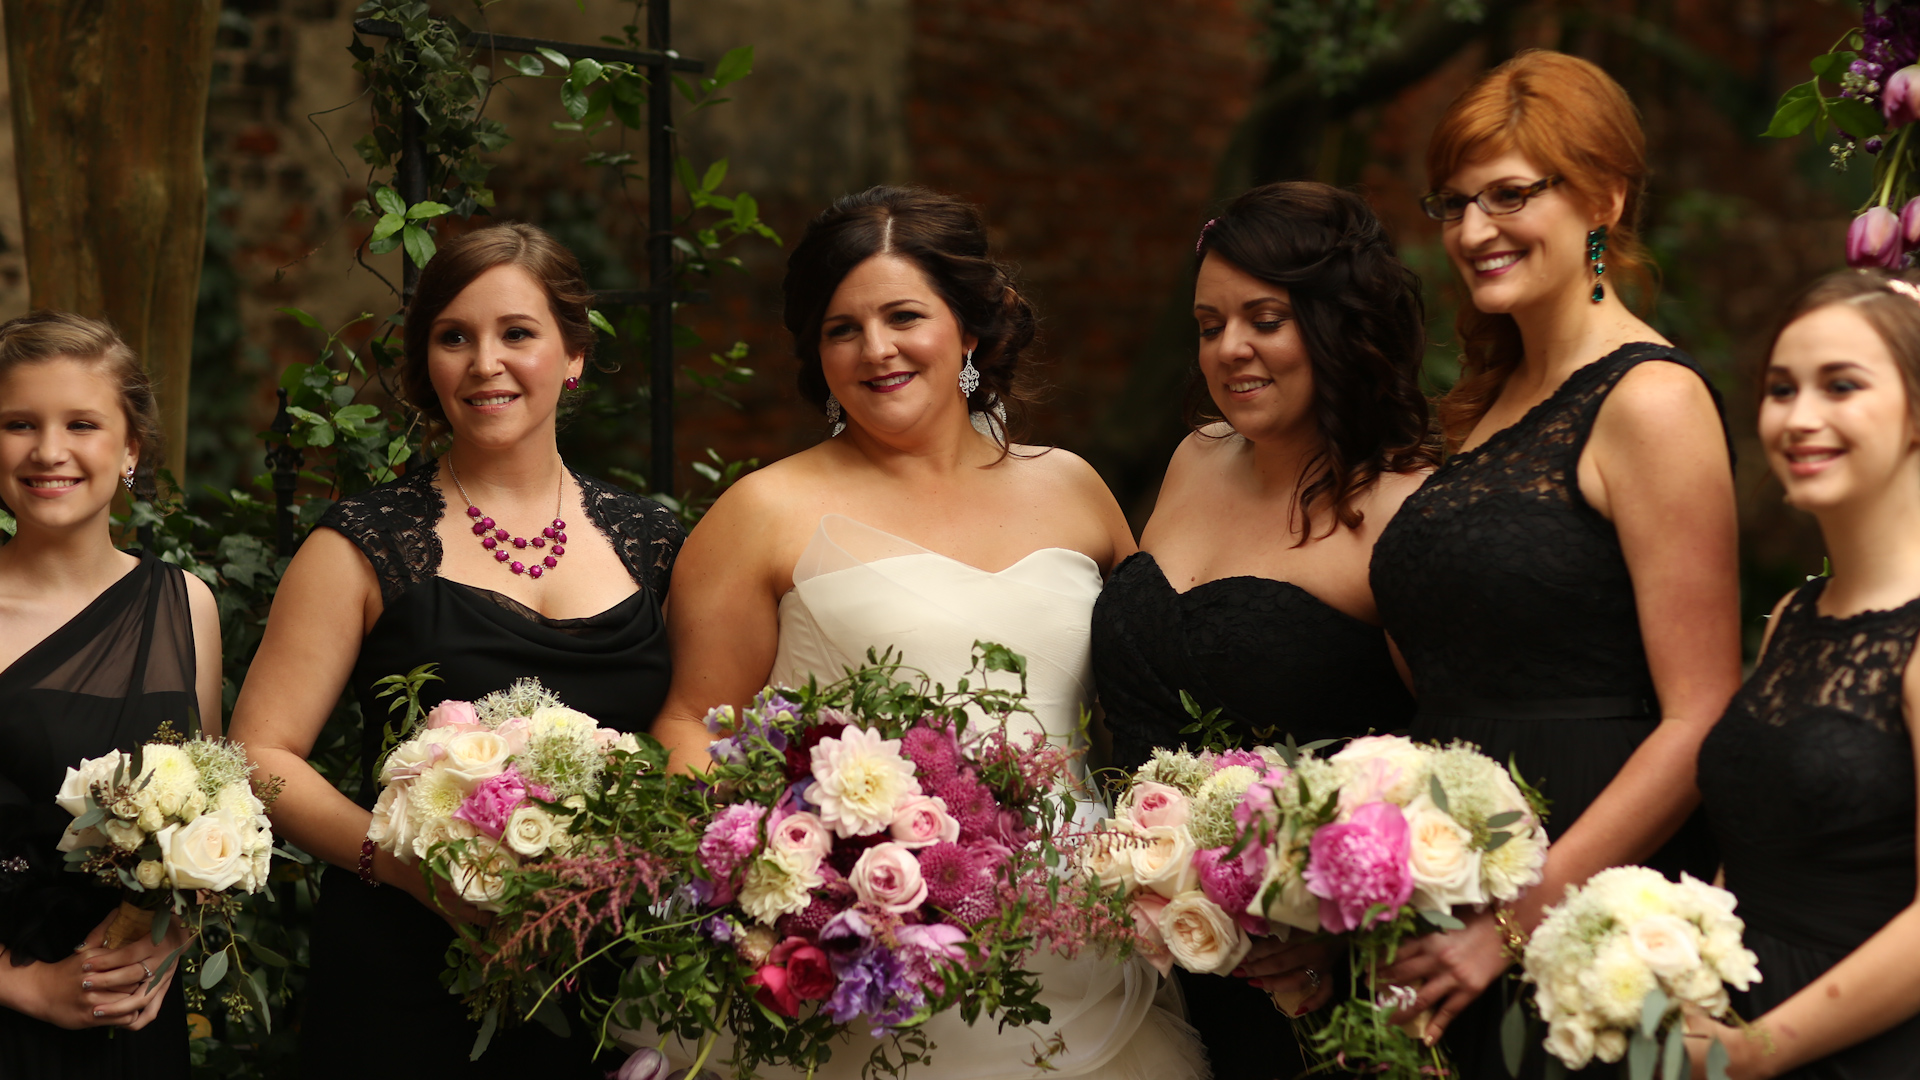 Bride Film - Black Bridesmaids Dresses